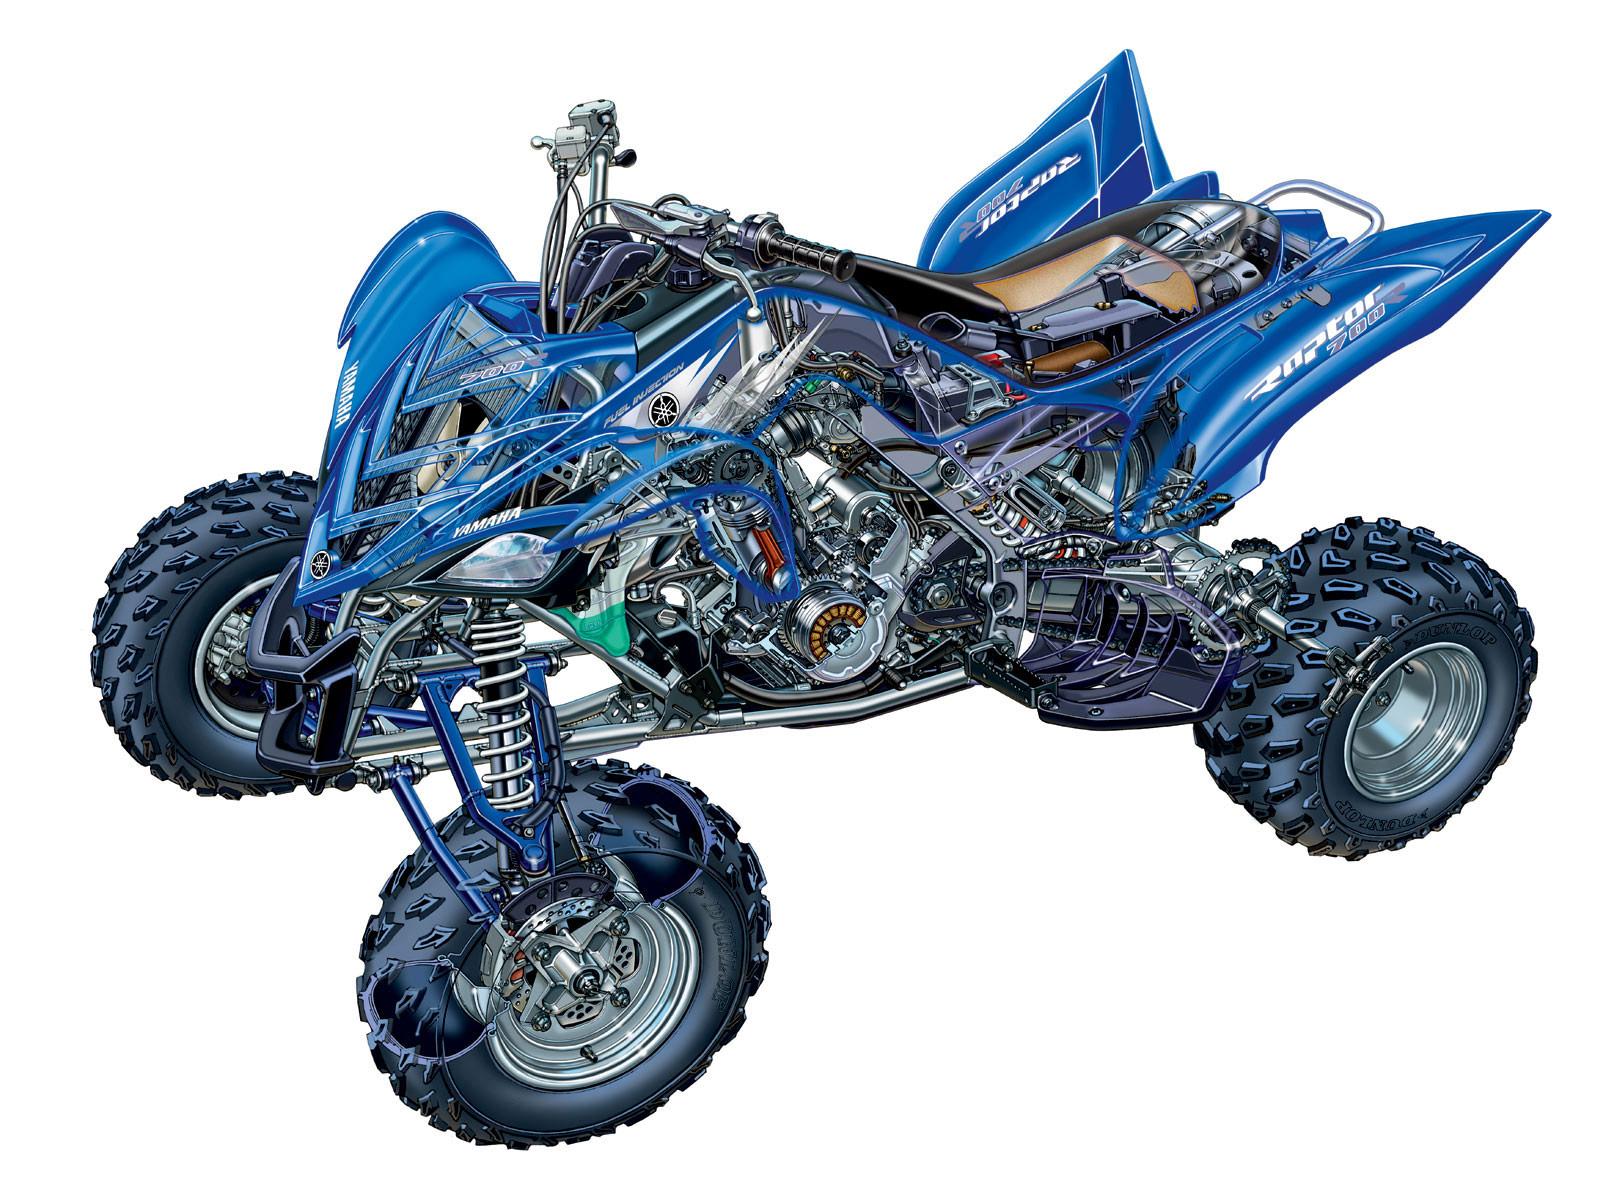 Yamaha Raptor 700R cutaway